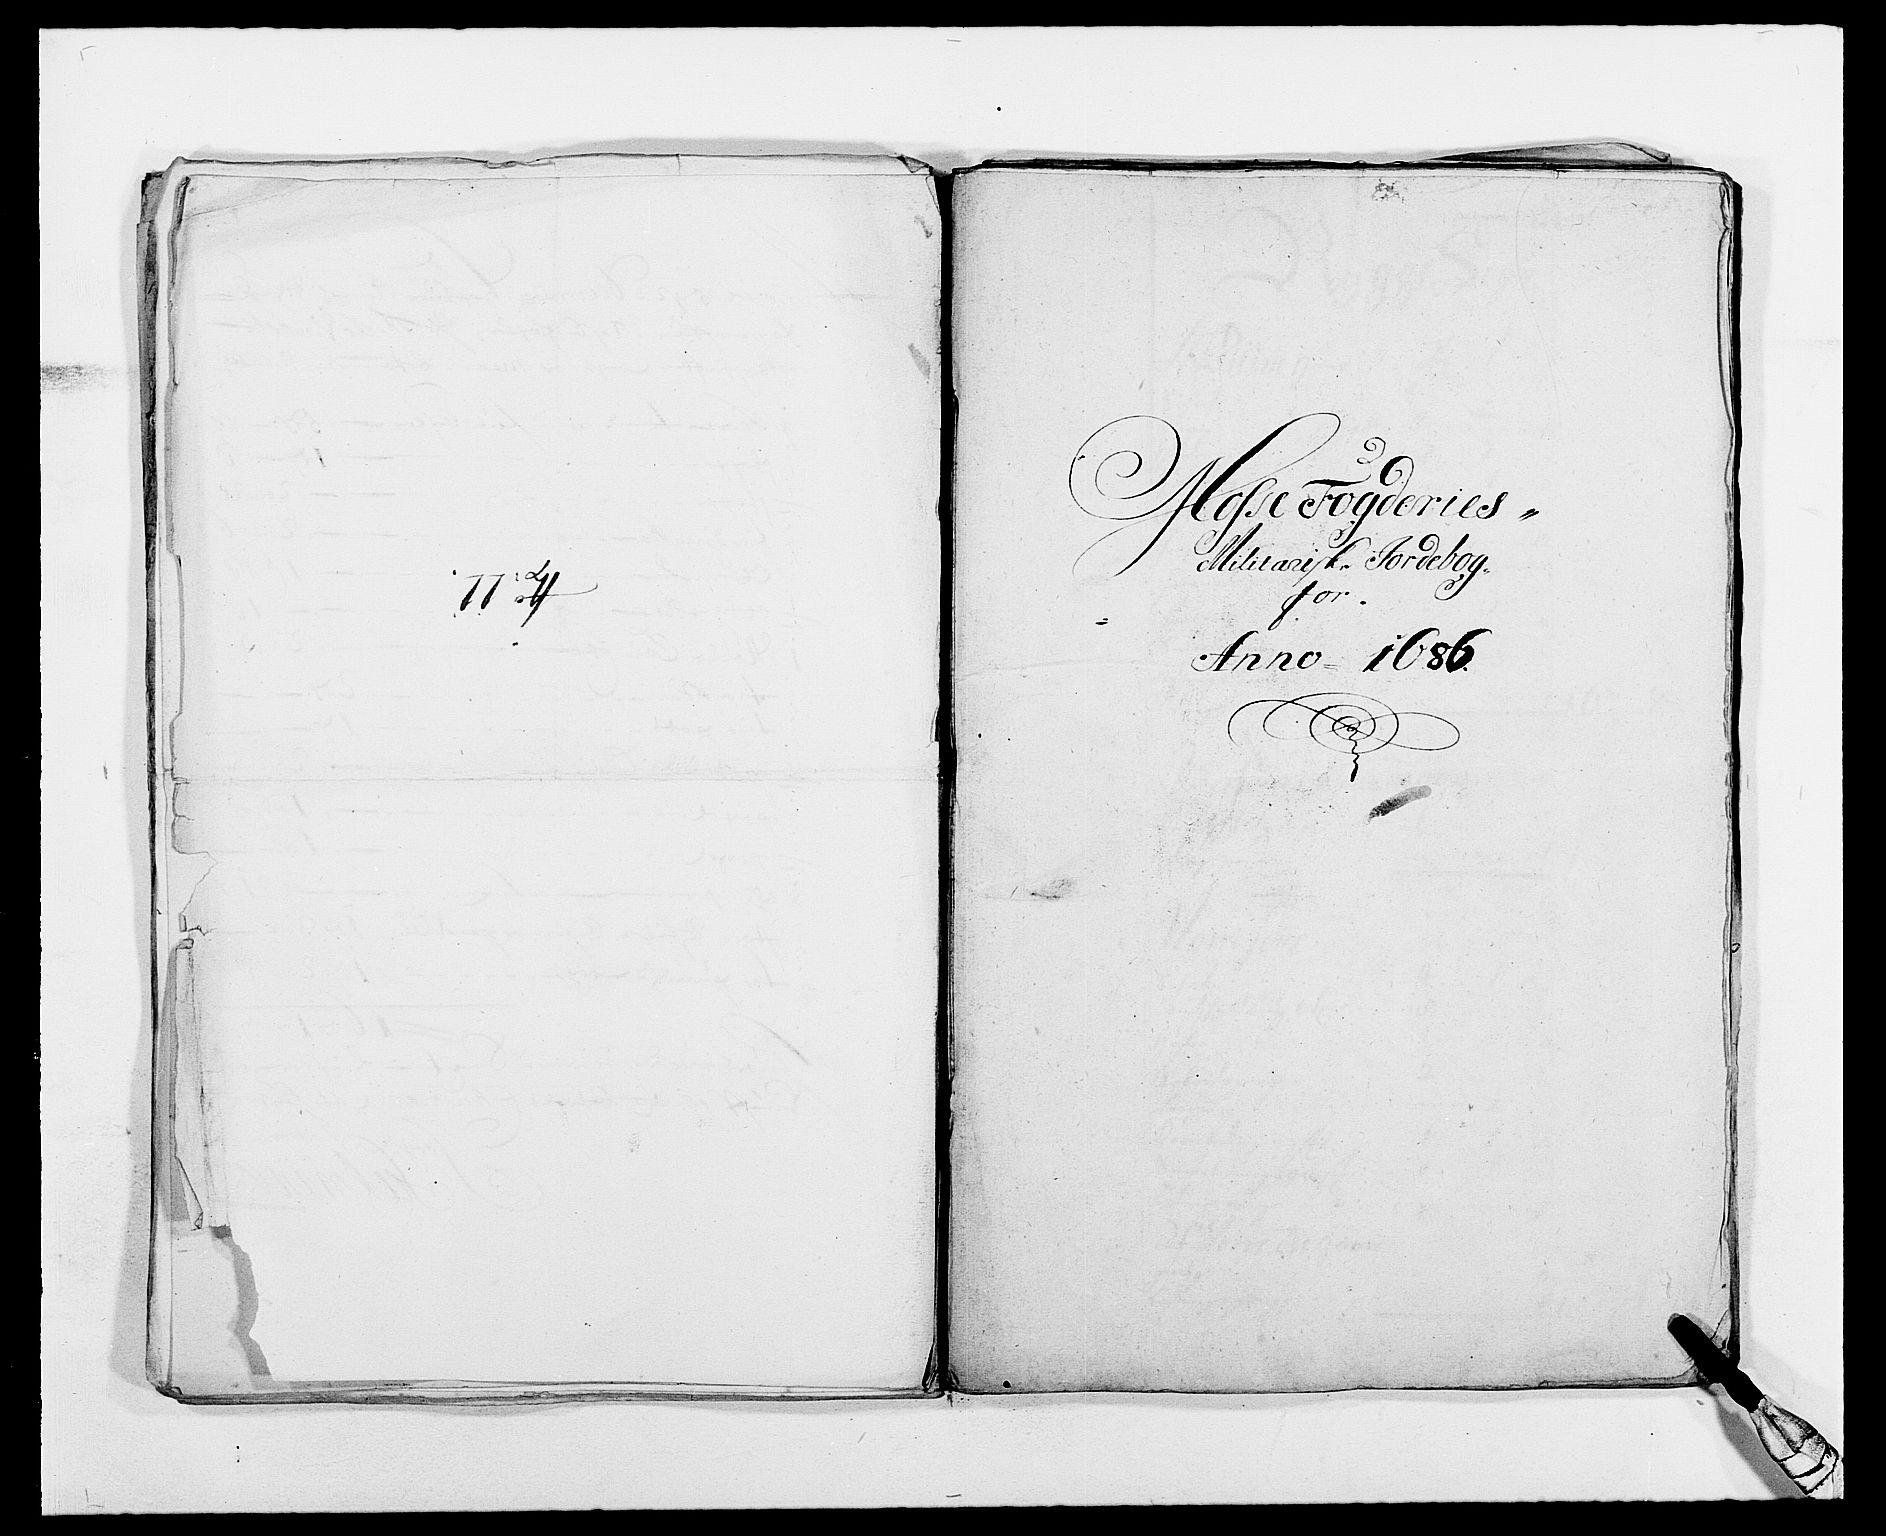 RA, Rentekammeret inntil 1814, Reviderte regnskaper, Fogderegnskap, R02/L0107: Fogderegnskap Moss og Verne kloster, 1685-1691, s. 83